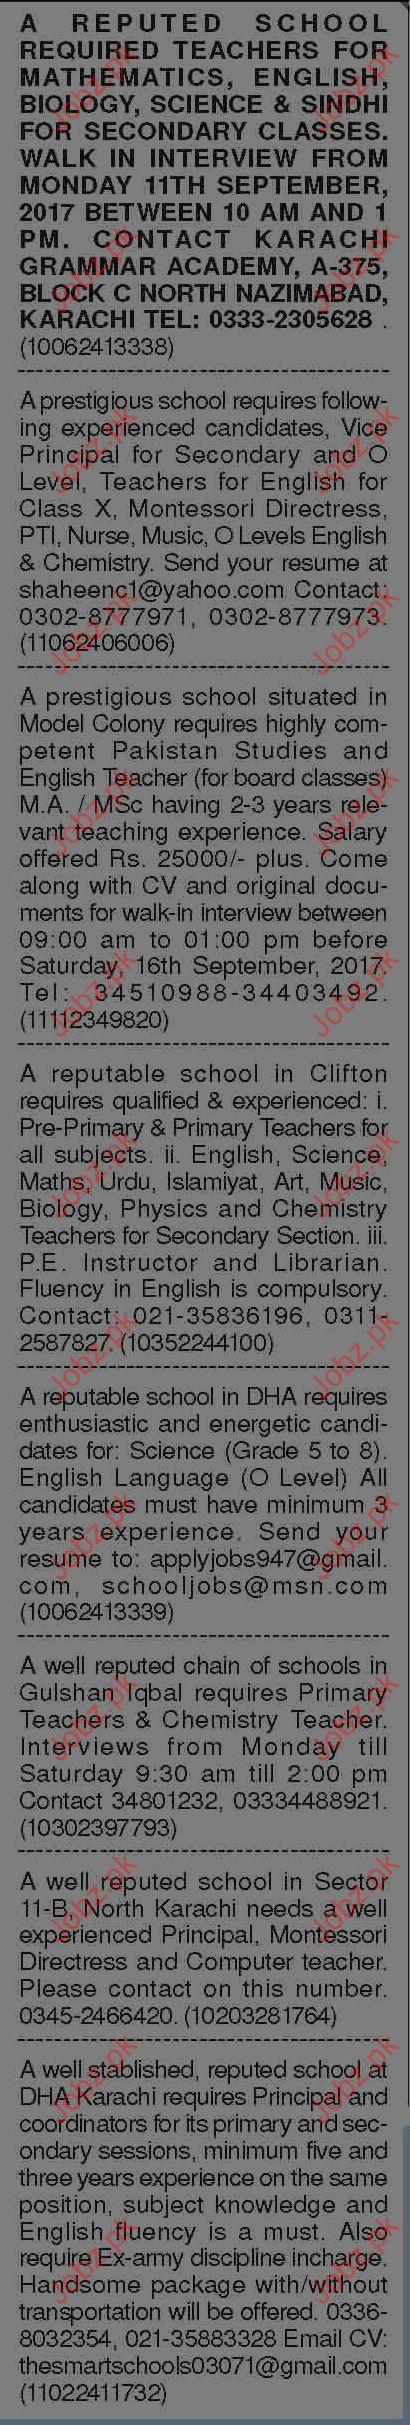 Teaching Staff Wanted By Karachi Grammar School